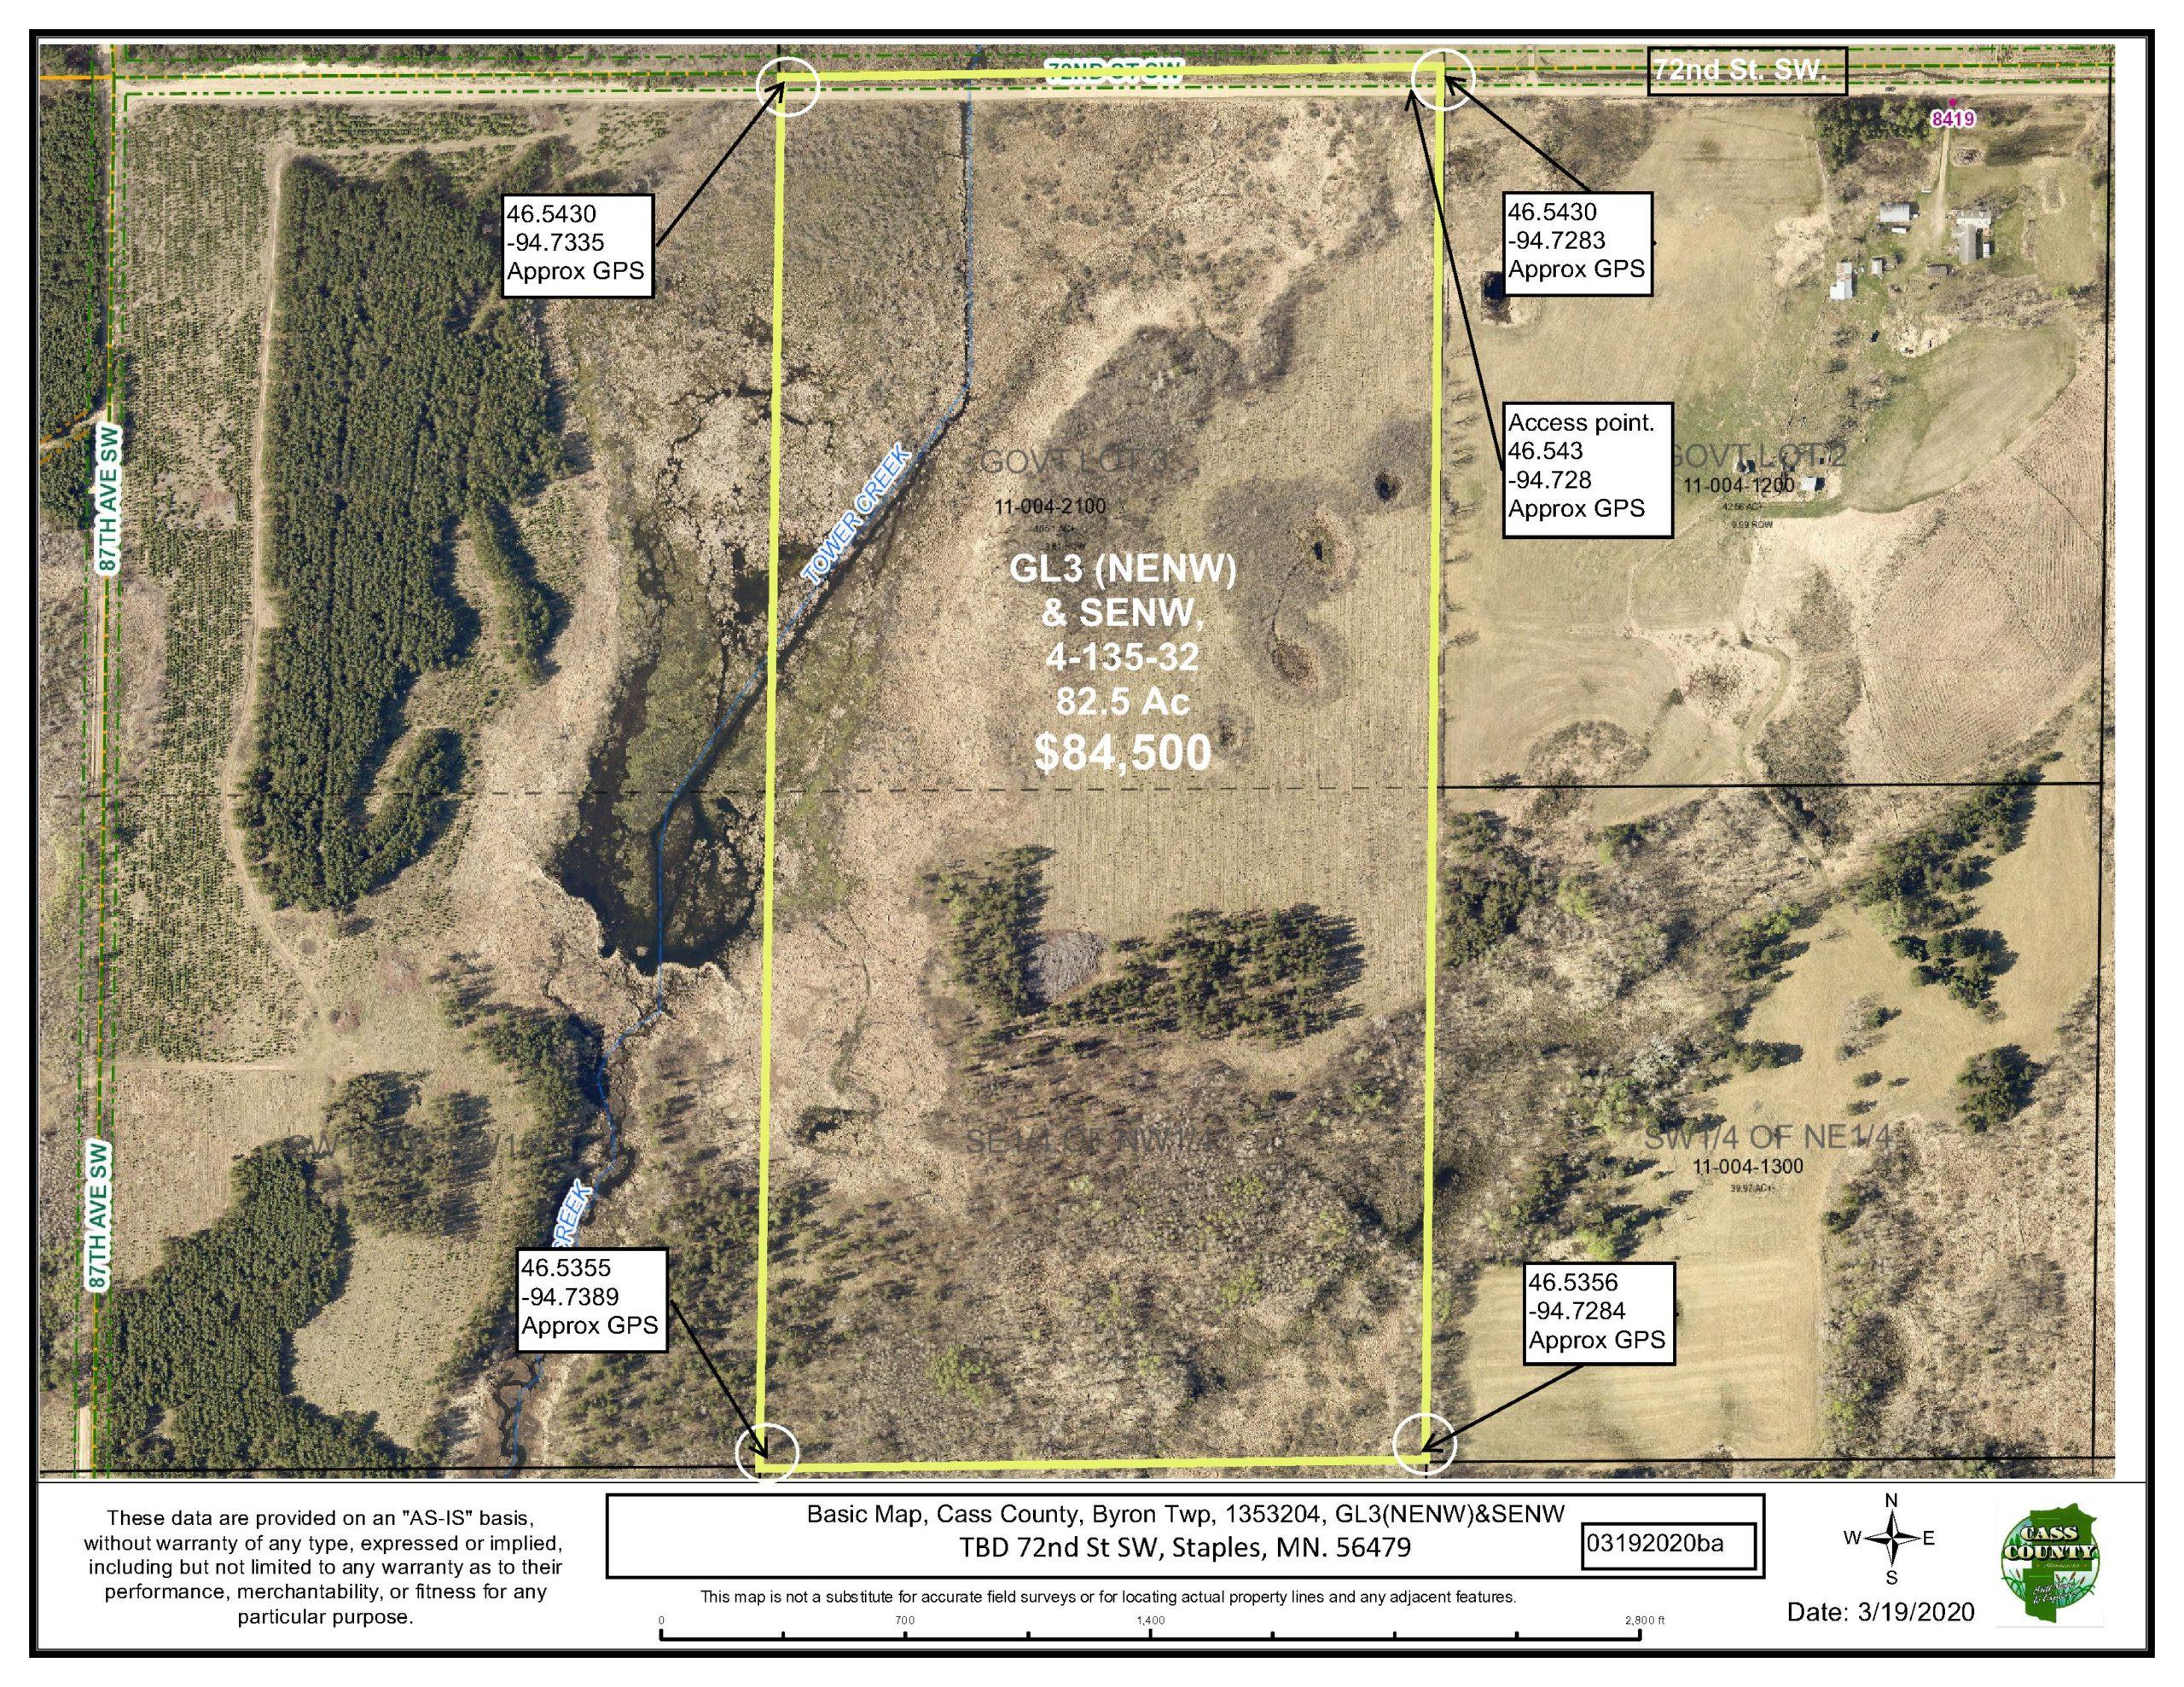 TBD 72nd St SW, GL3(NENW) & SENW, 04-135-32, Byron, Staples, Cass County